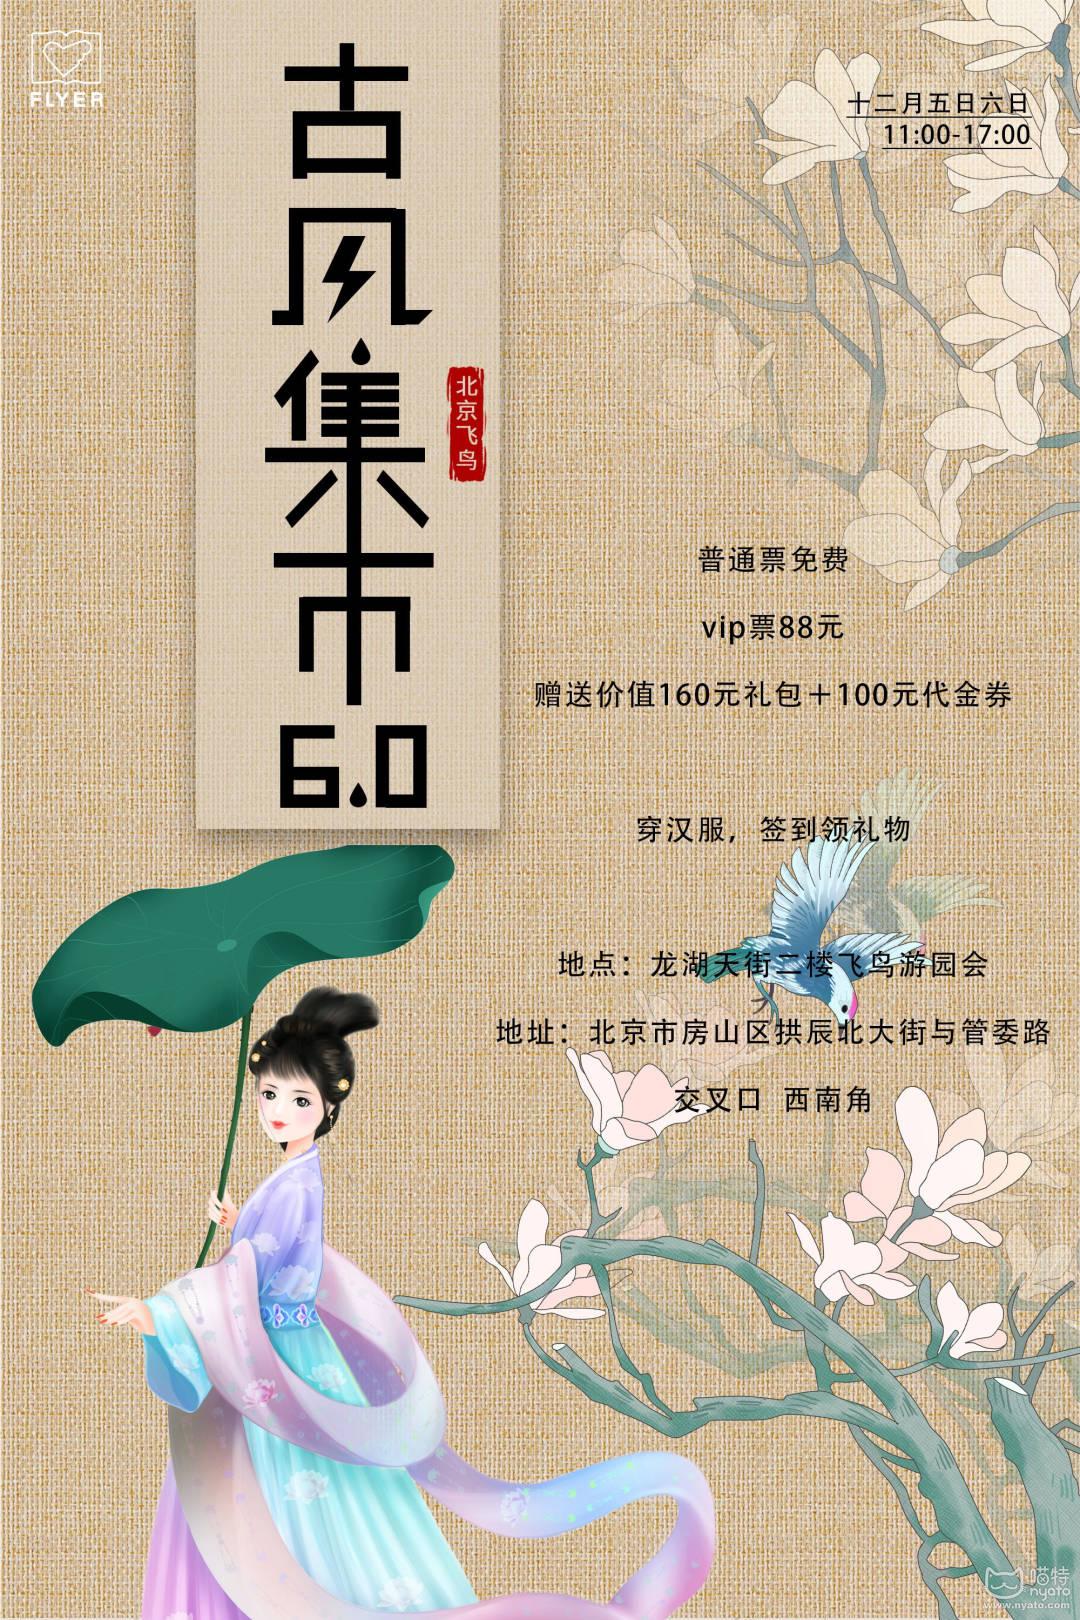 北京飞鸟古风集市6-竖版.jpg